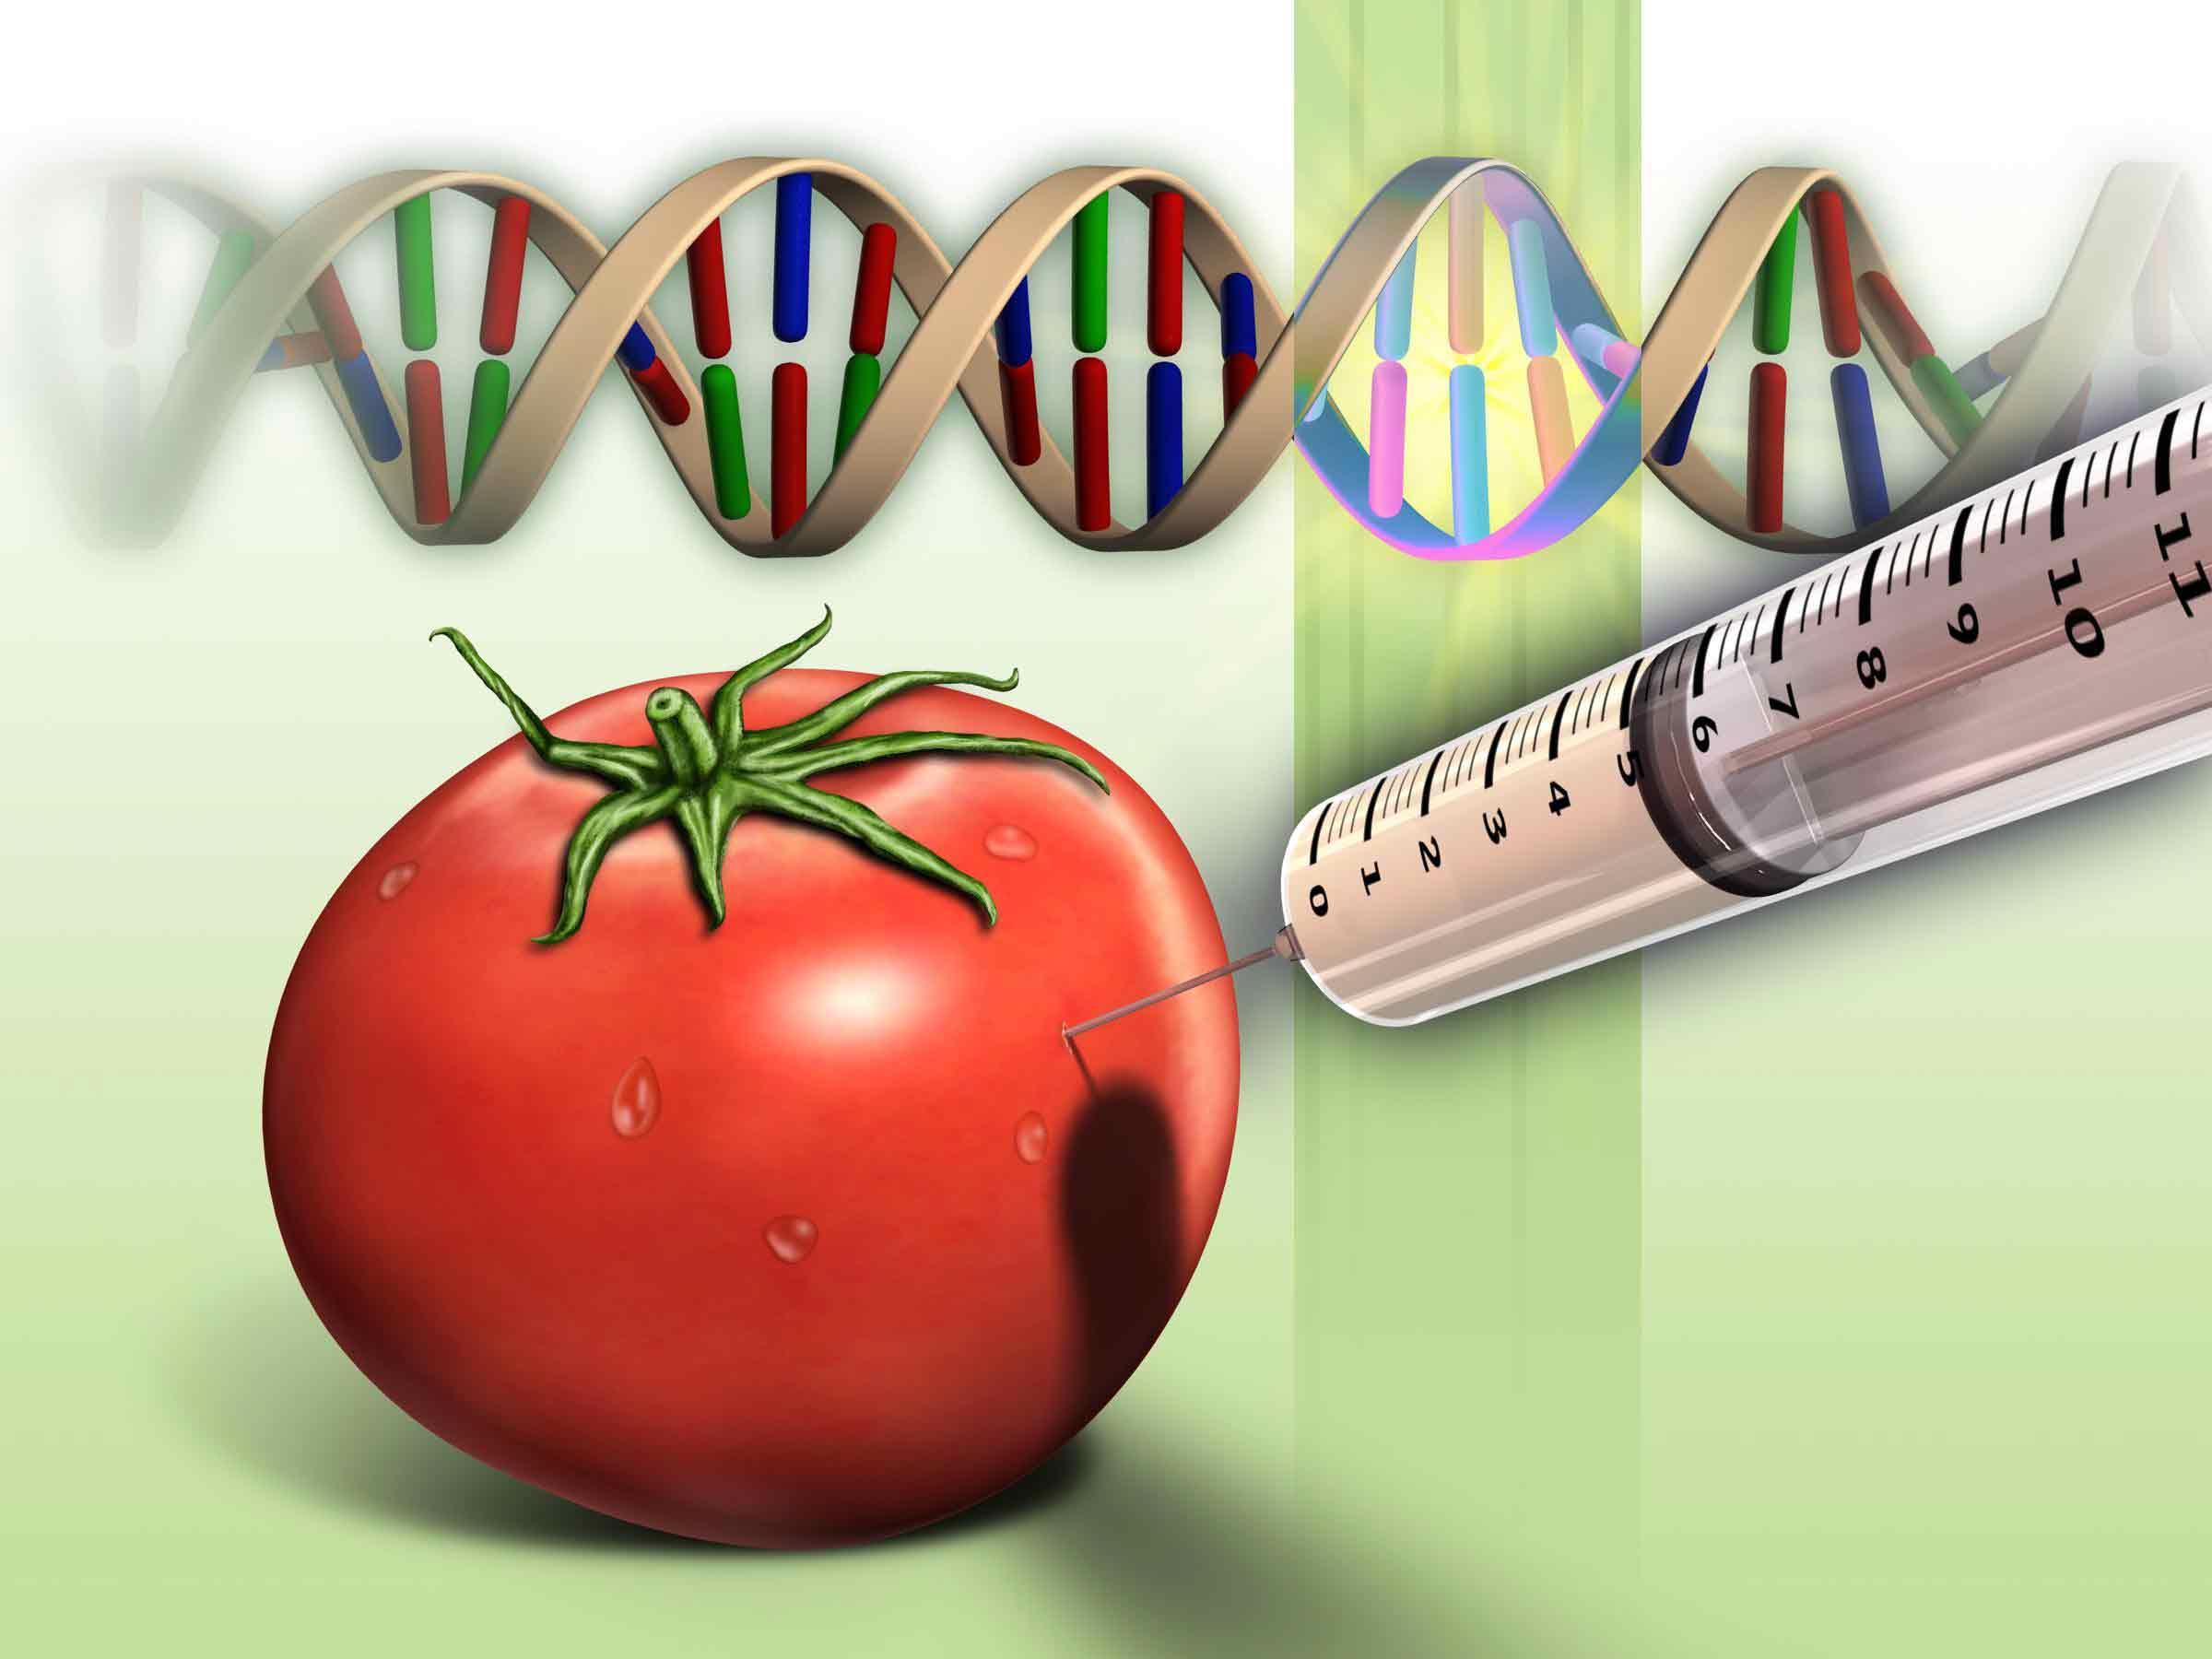 مواد غذایی اصلاح شدهی ژنتیکی / GM food